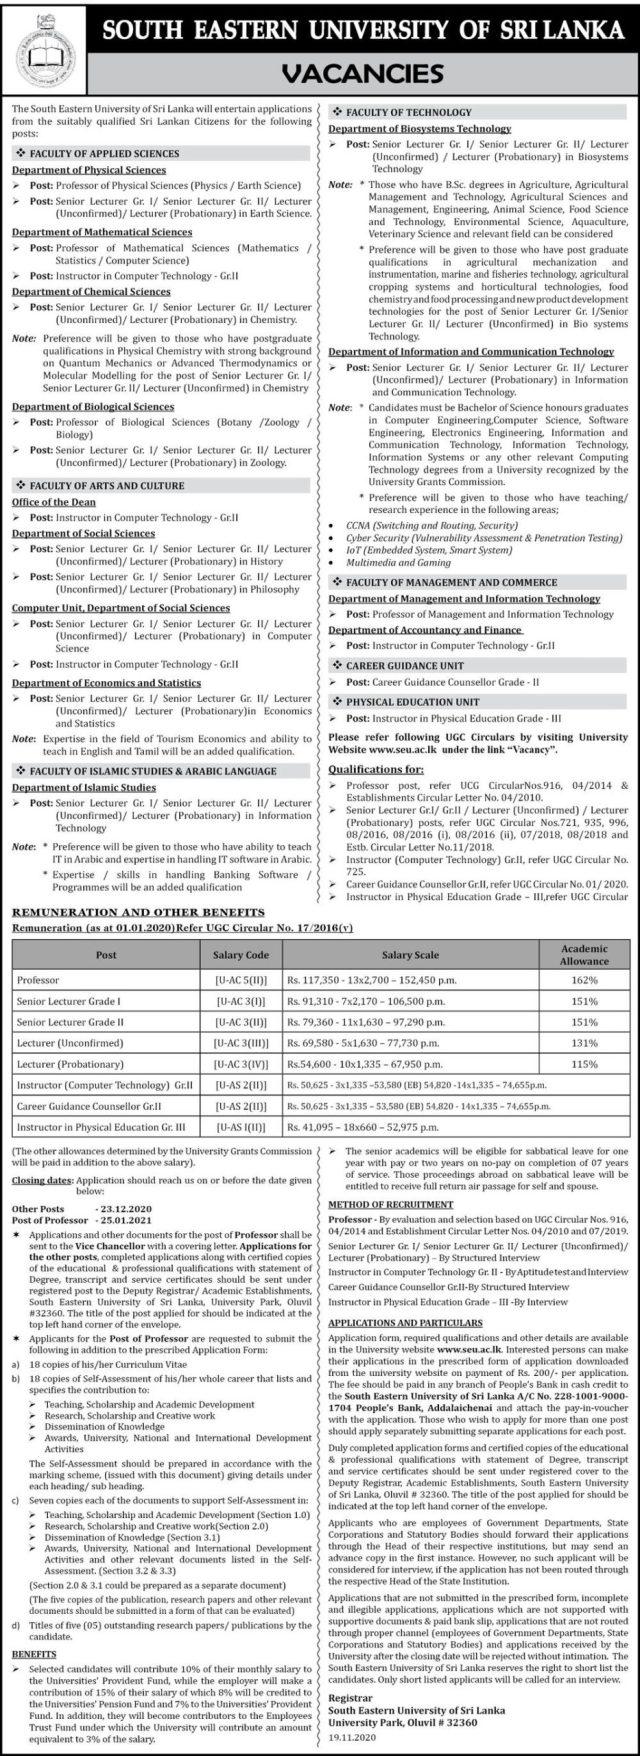 Vacancies At South Eastern University Of Sri Lanka